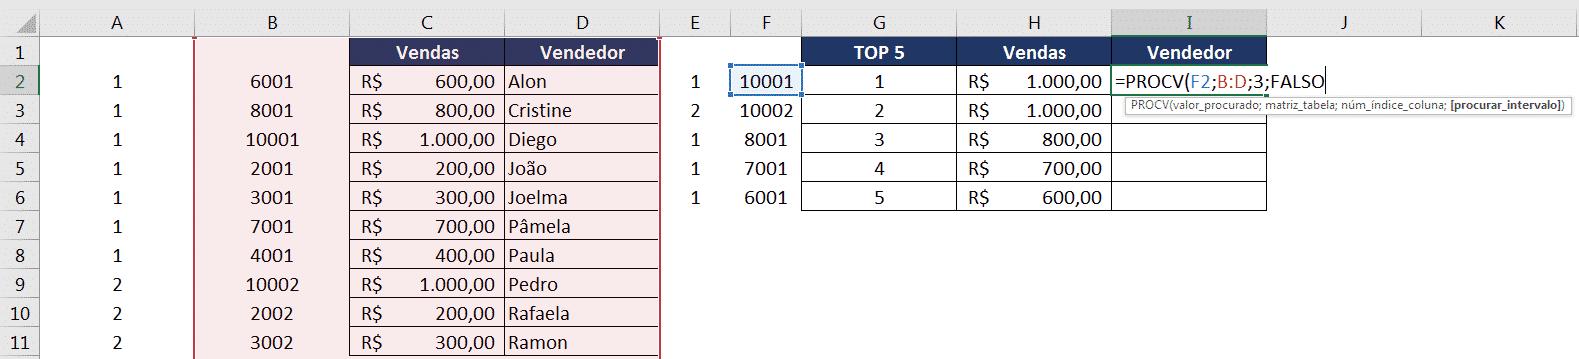 Utilização da fórmula PROCV utilizando os dados auxiliares